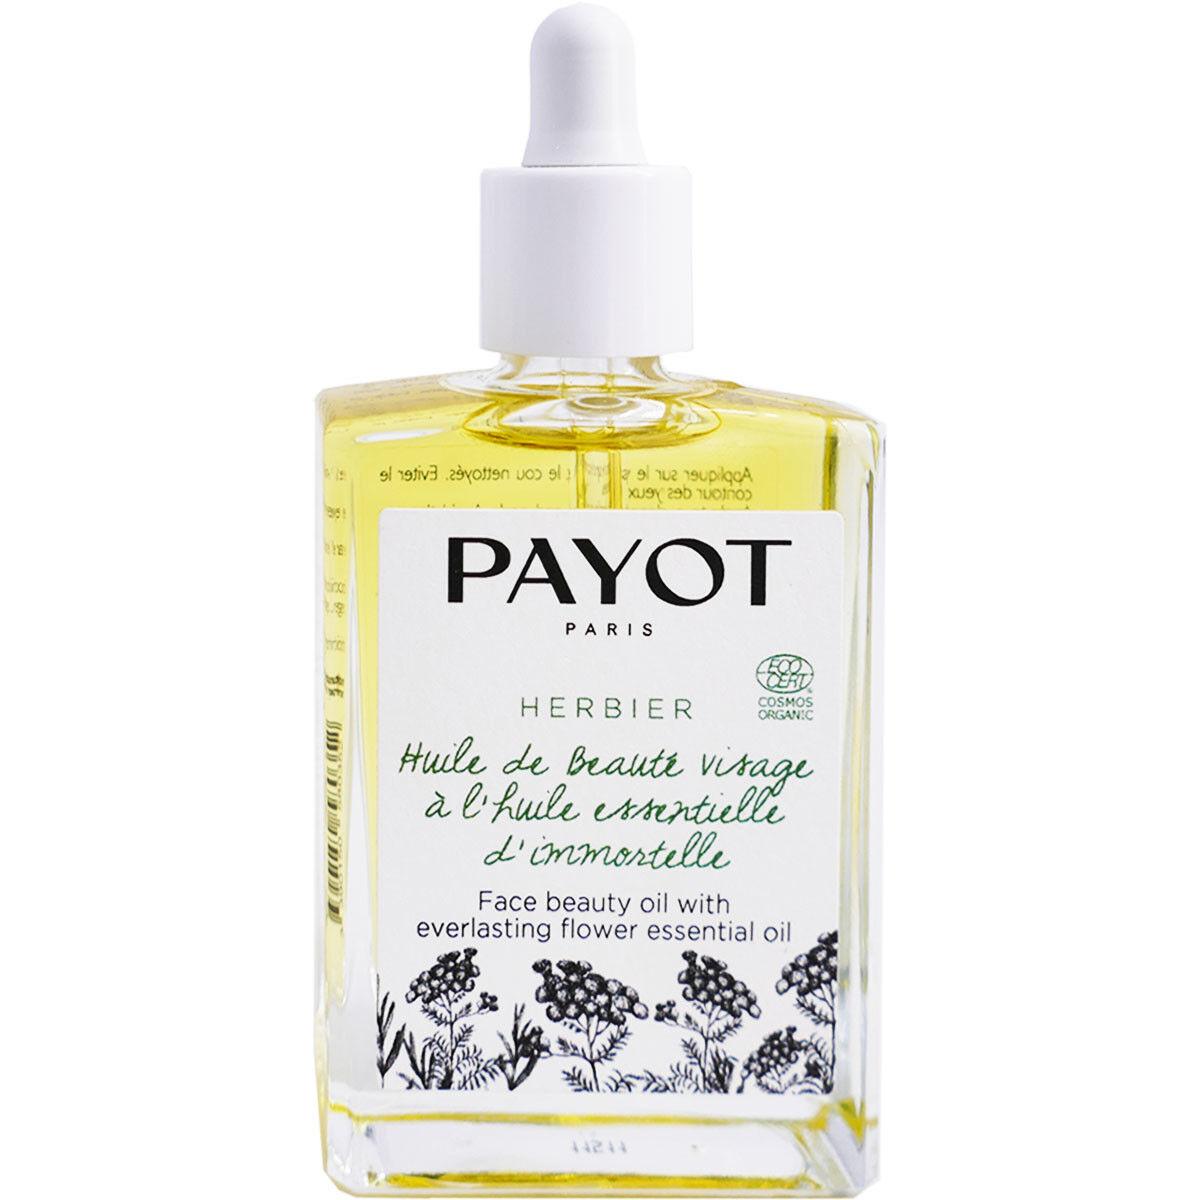 Payot herbier huile de beaute visage huile essentielle immortelle 30ml